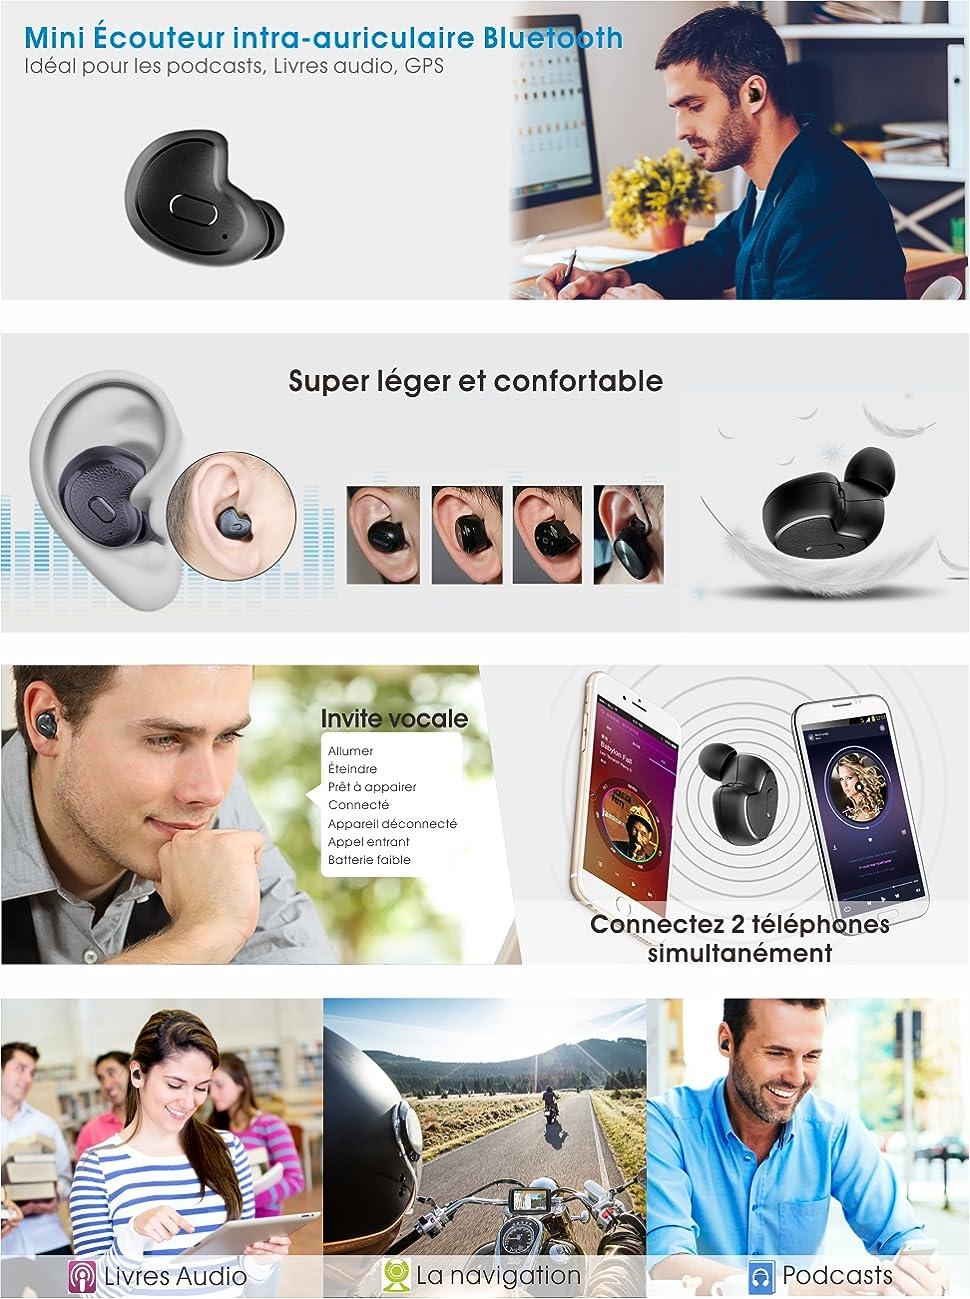 Avantree Mini écouteur Bluetooth pour Podcasts, Livres Audio